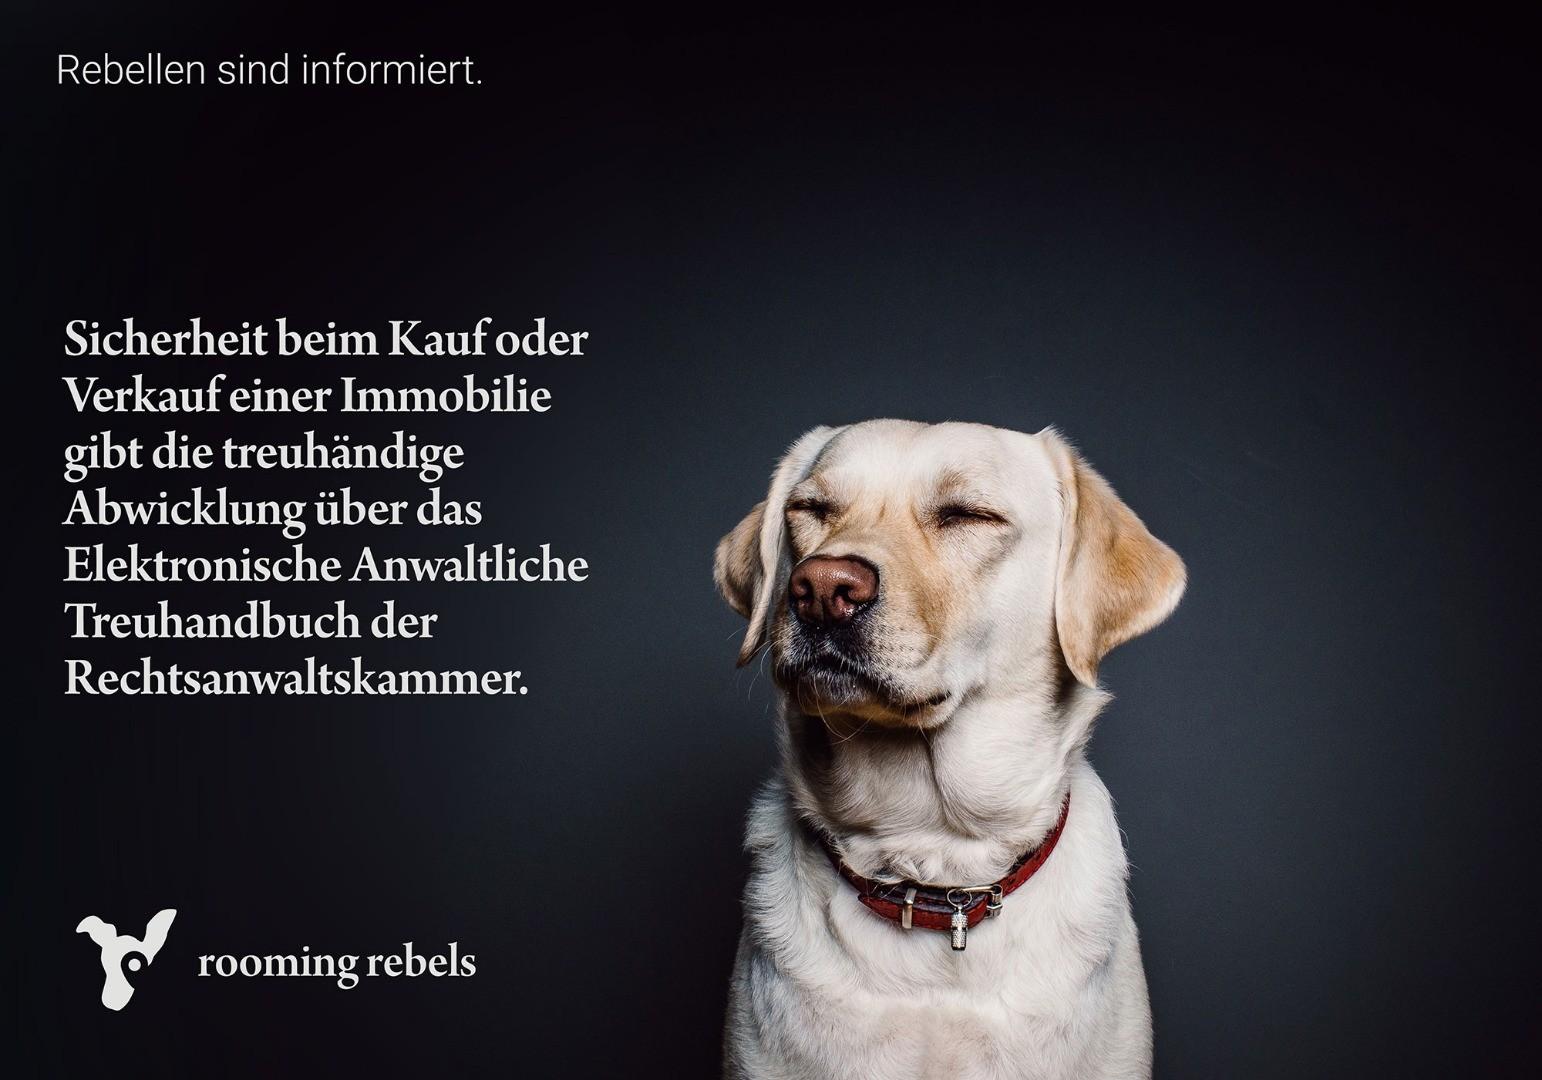 rebellen-sind-informiert_treuhandschaft_2019.01_.jpg